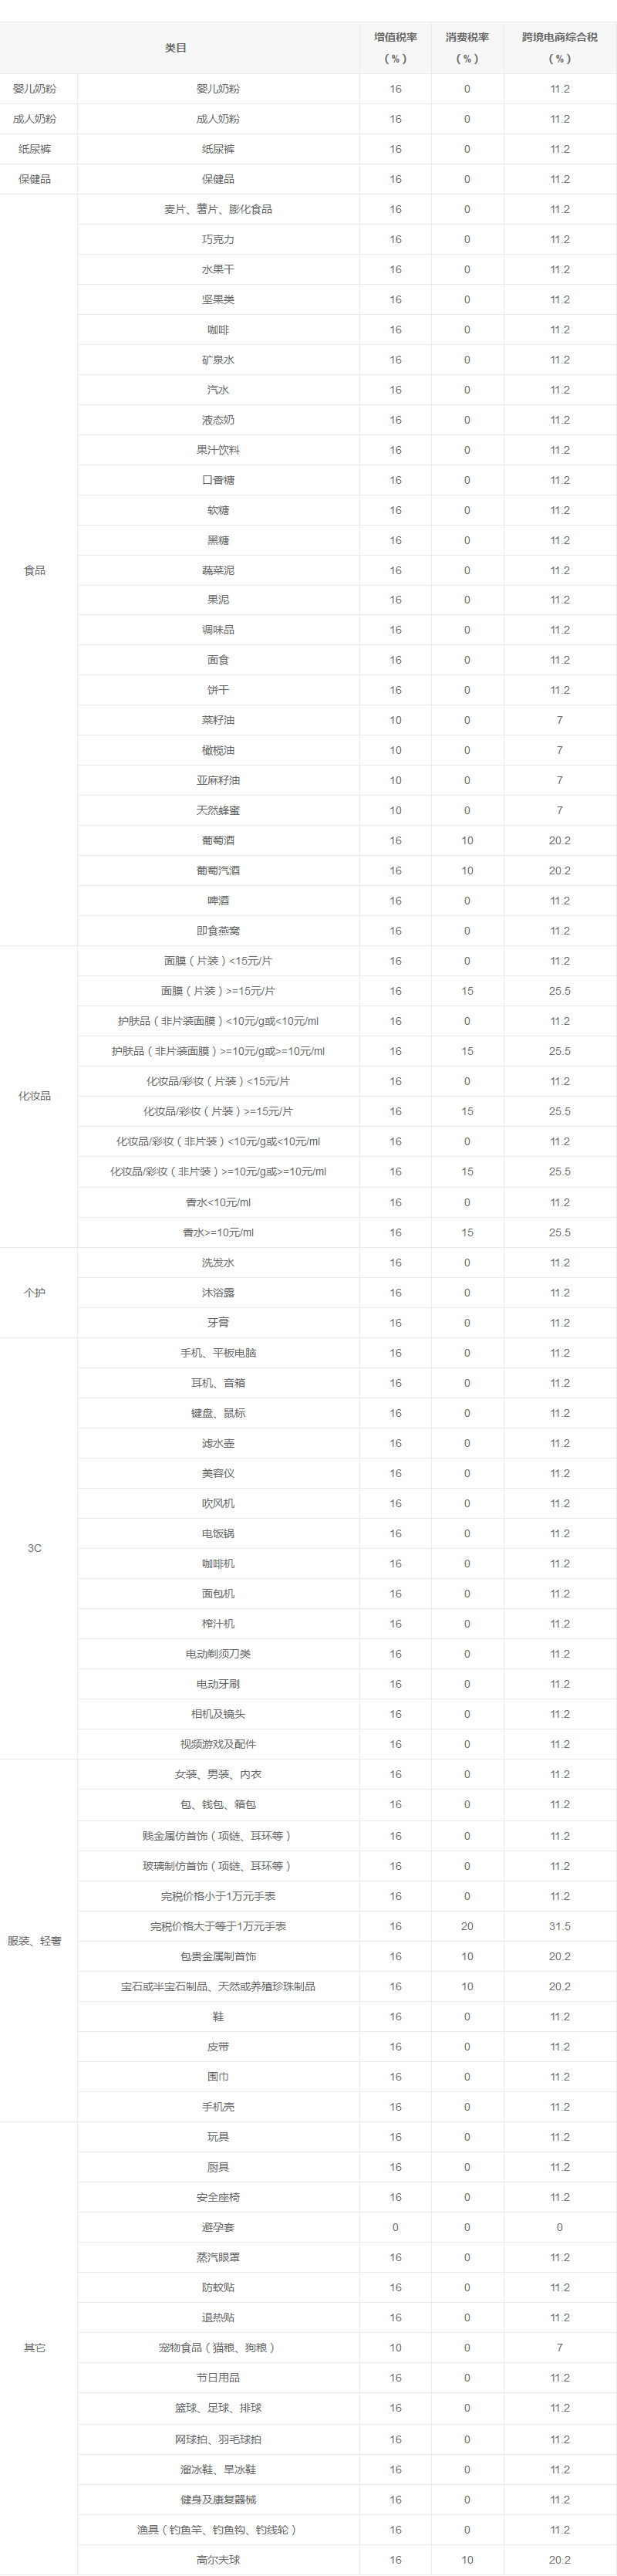 https://pic.kuajing.com/shop/article/06016429618071361.jpg